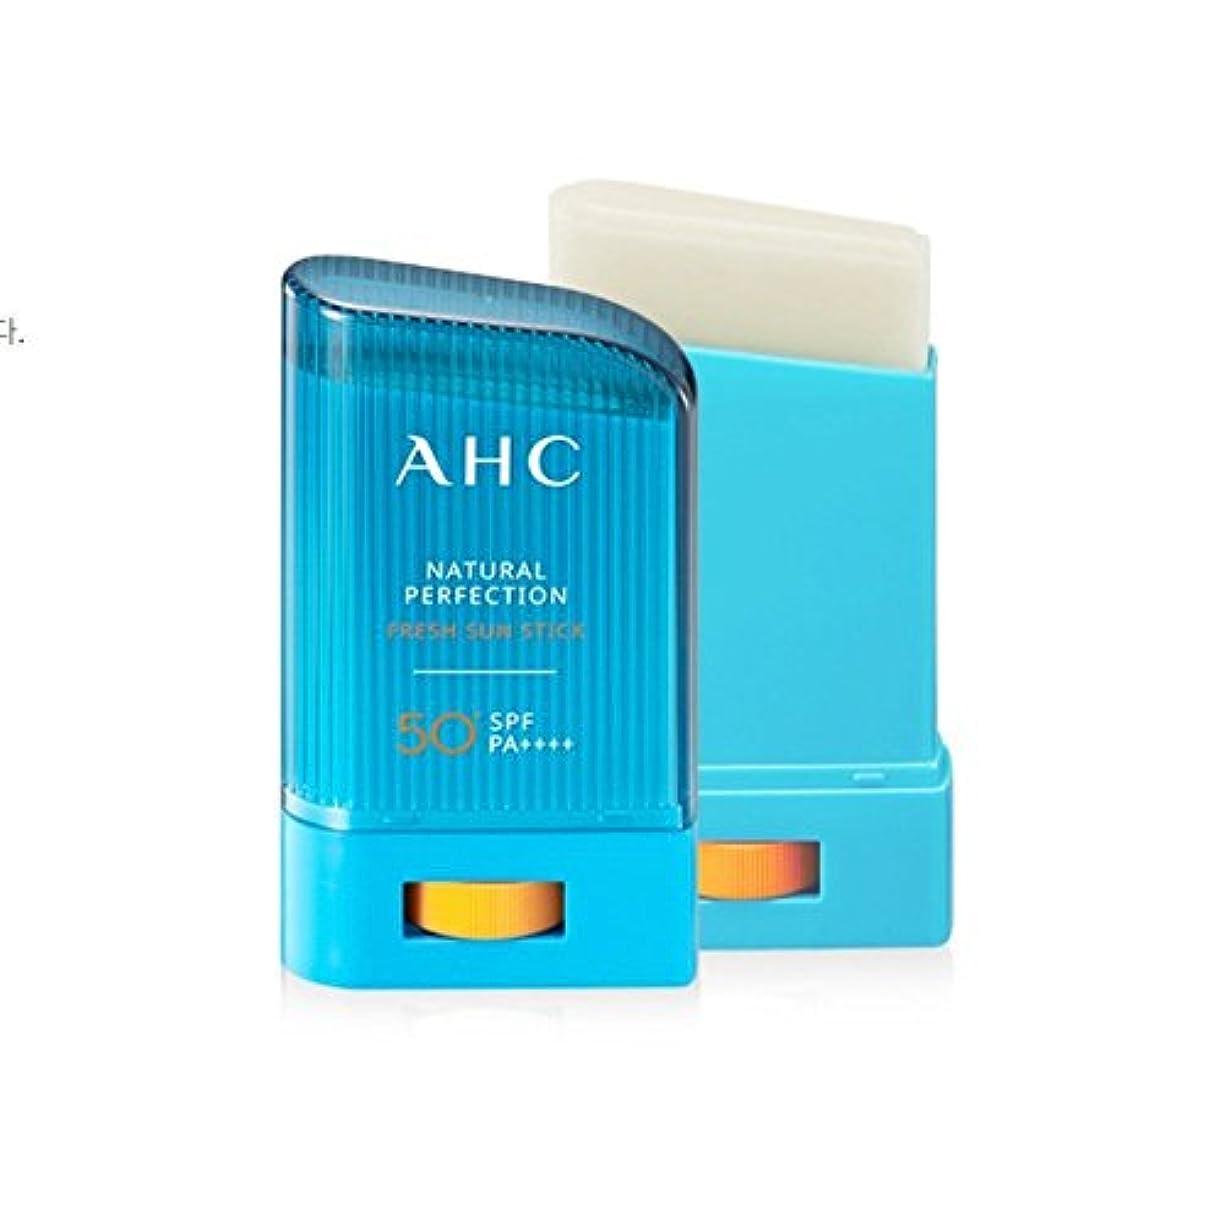 一月権限水平[1+1] AHC Natural Perfection Fresh Sun Stick ナチュラルパーフェクションフレッシュサンスティック 22g * 2個 [並行輸入品]